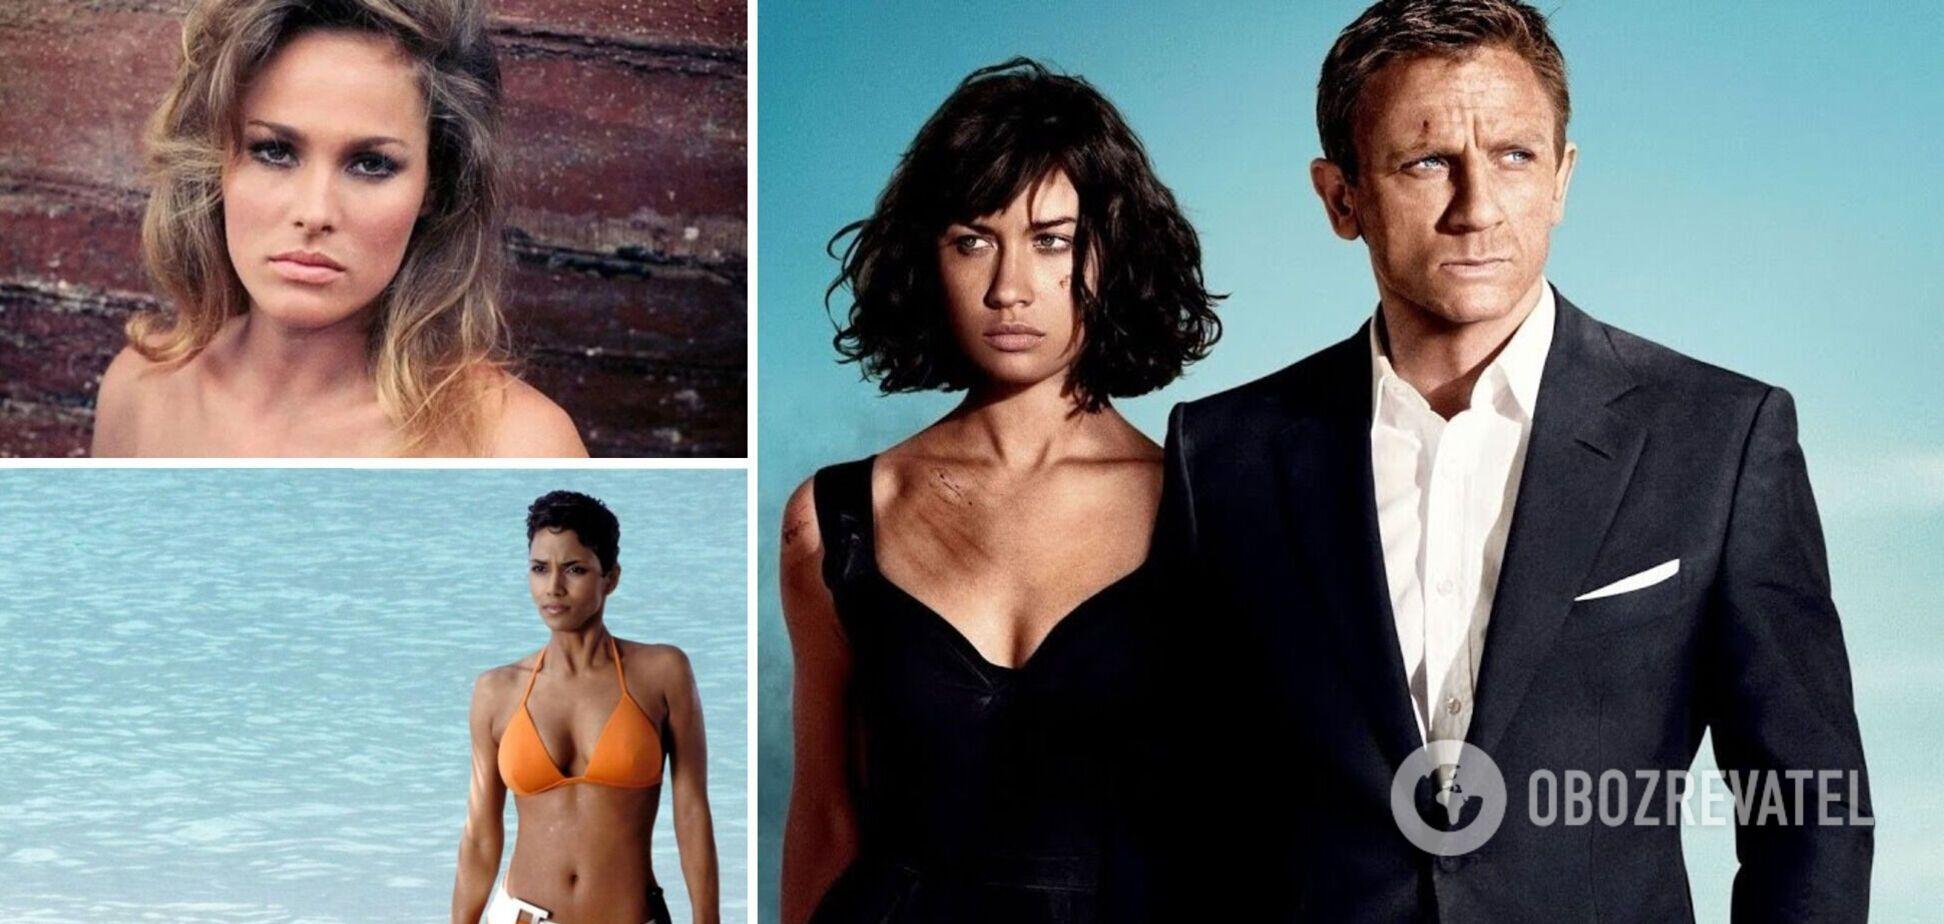 Спутницы агента 007 стали известными на весь мир